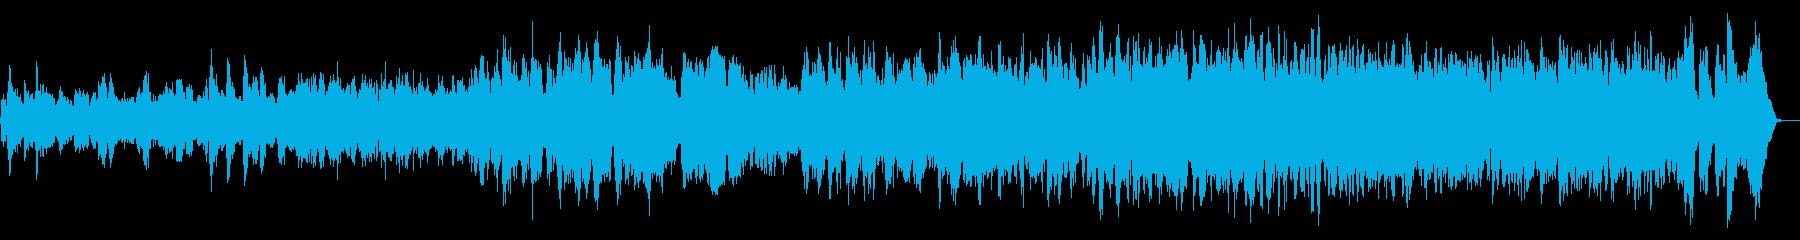 きらびやかでどこか怪しいワルツの再生済みの波形